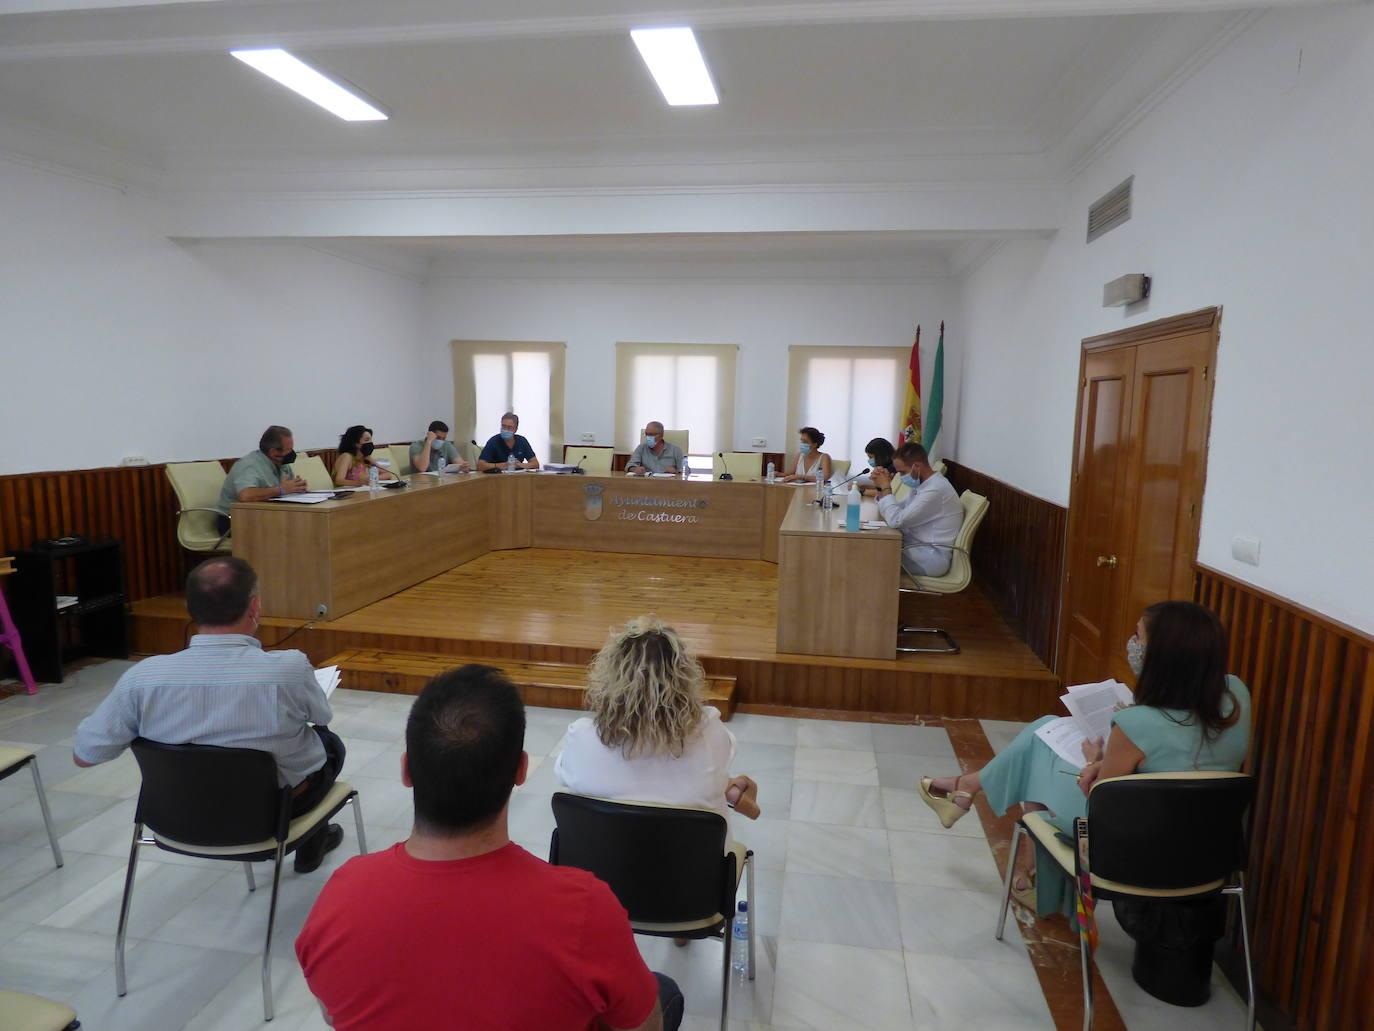 El Ayuntamiento de Castuera celebrará el jueves 23 de septiembre el pleno ordinario correspondiente a este mes